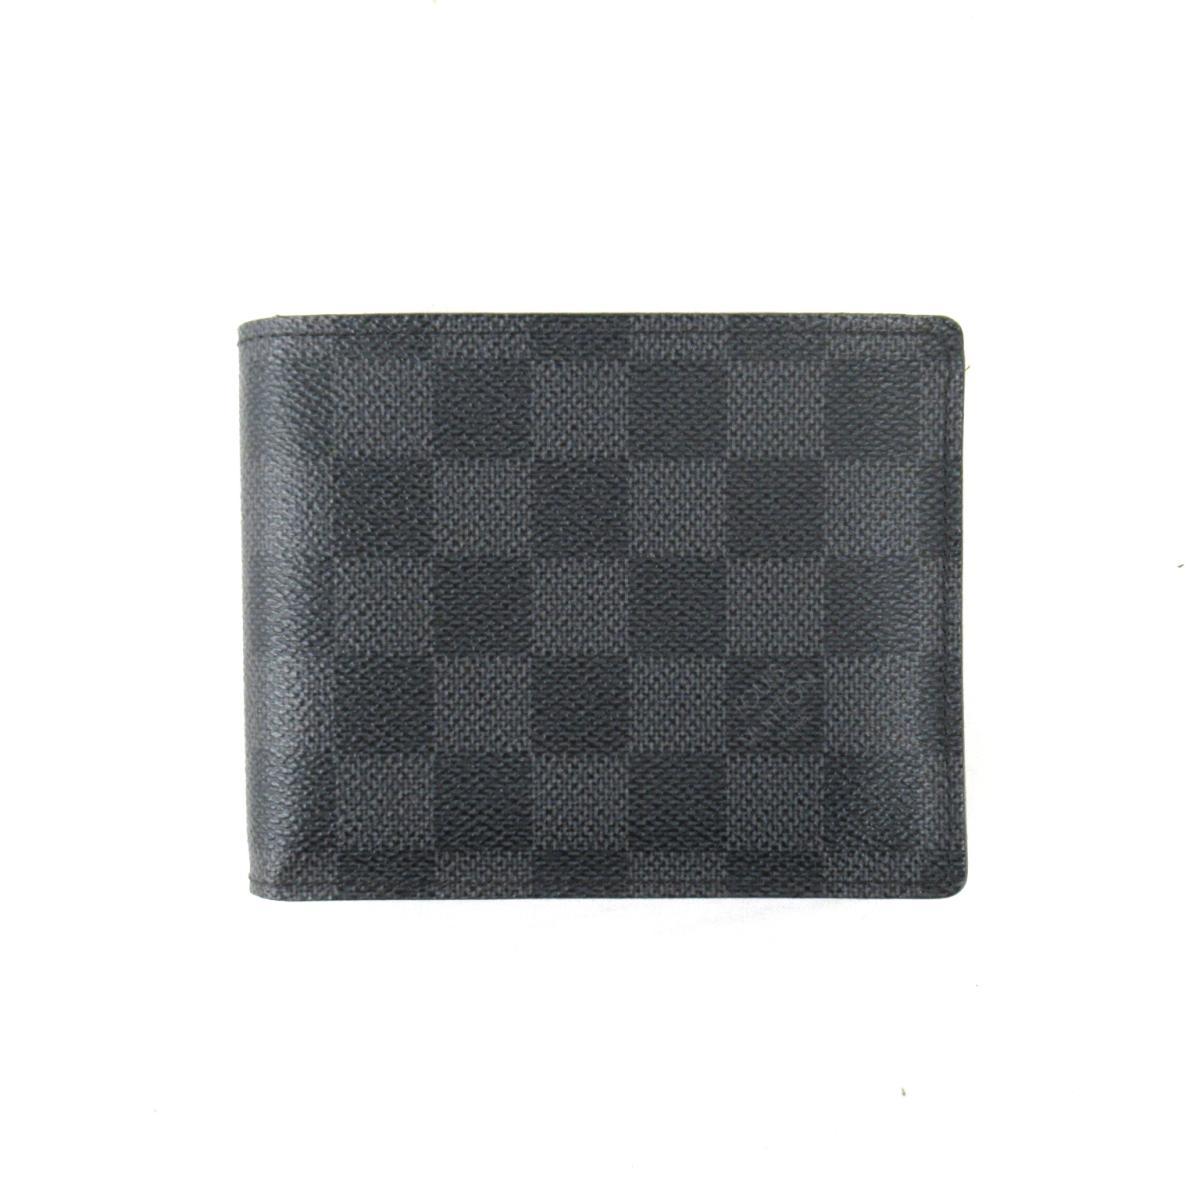 【中古】ルイヴィトン ポルトフォイユ・フロリン 二つ折り財布 財布 メンズ ダミエ・グラフィット ダミエ・グラフィット (N63074)